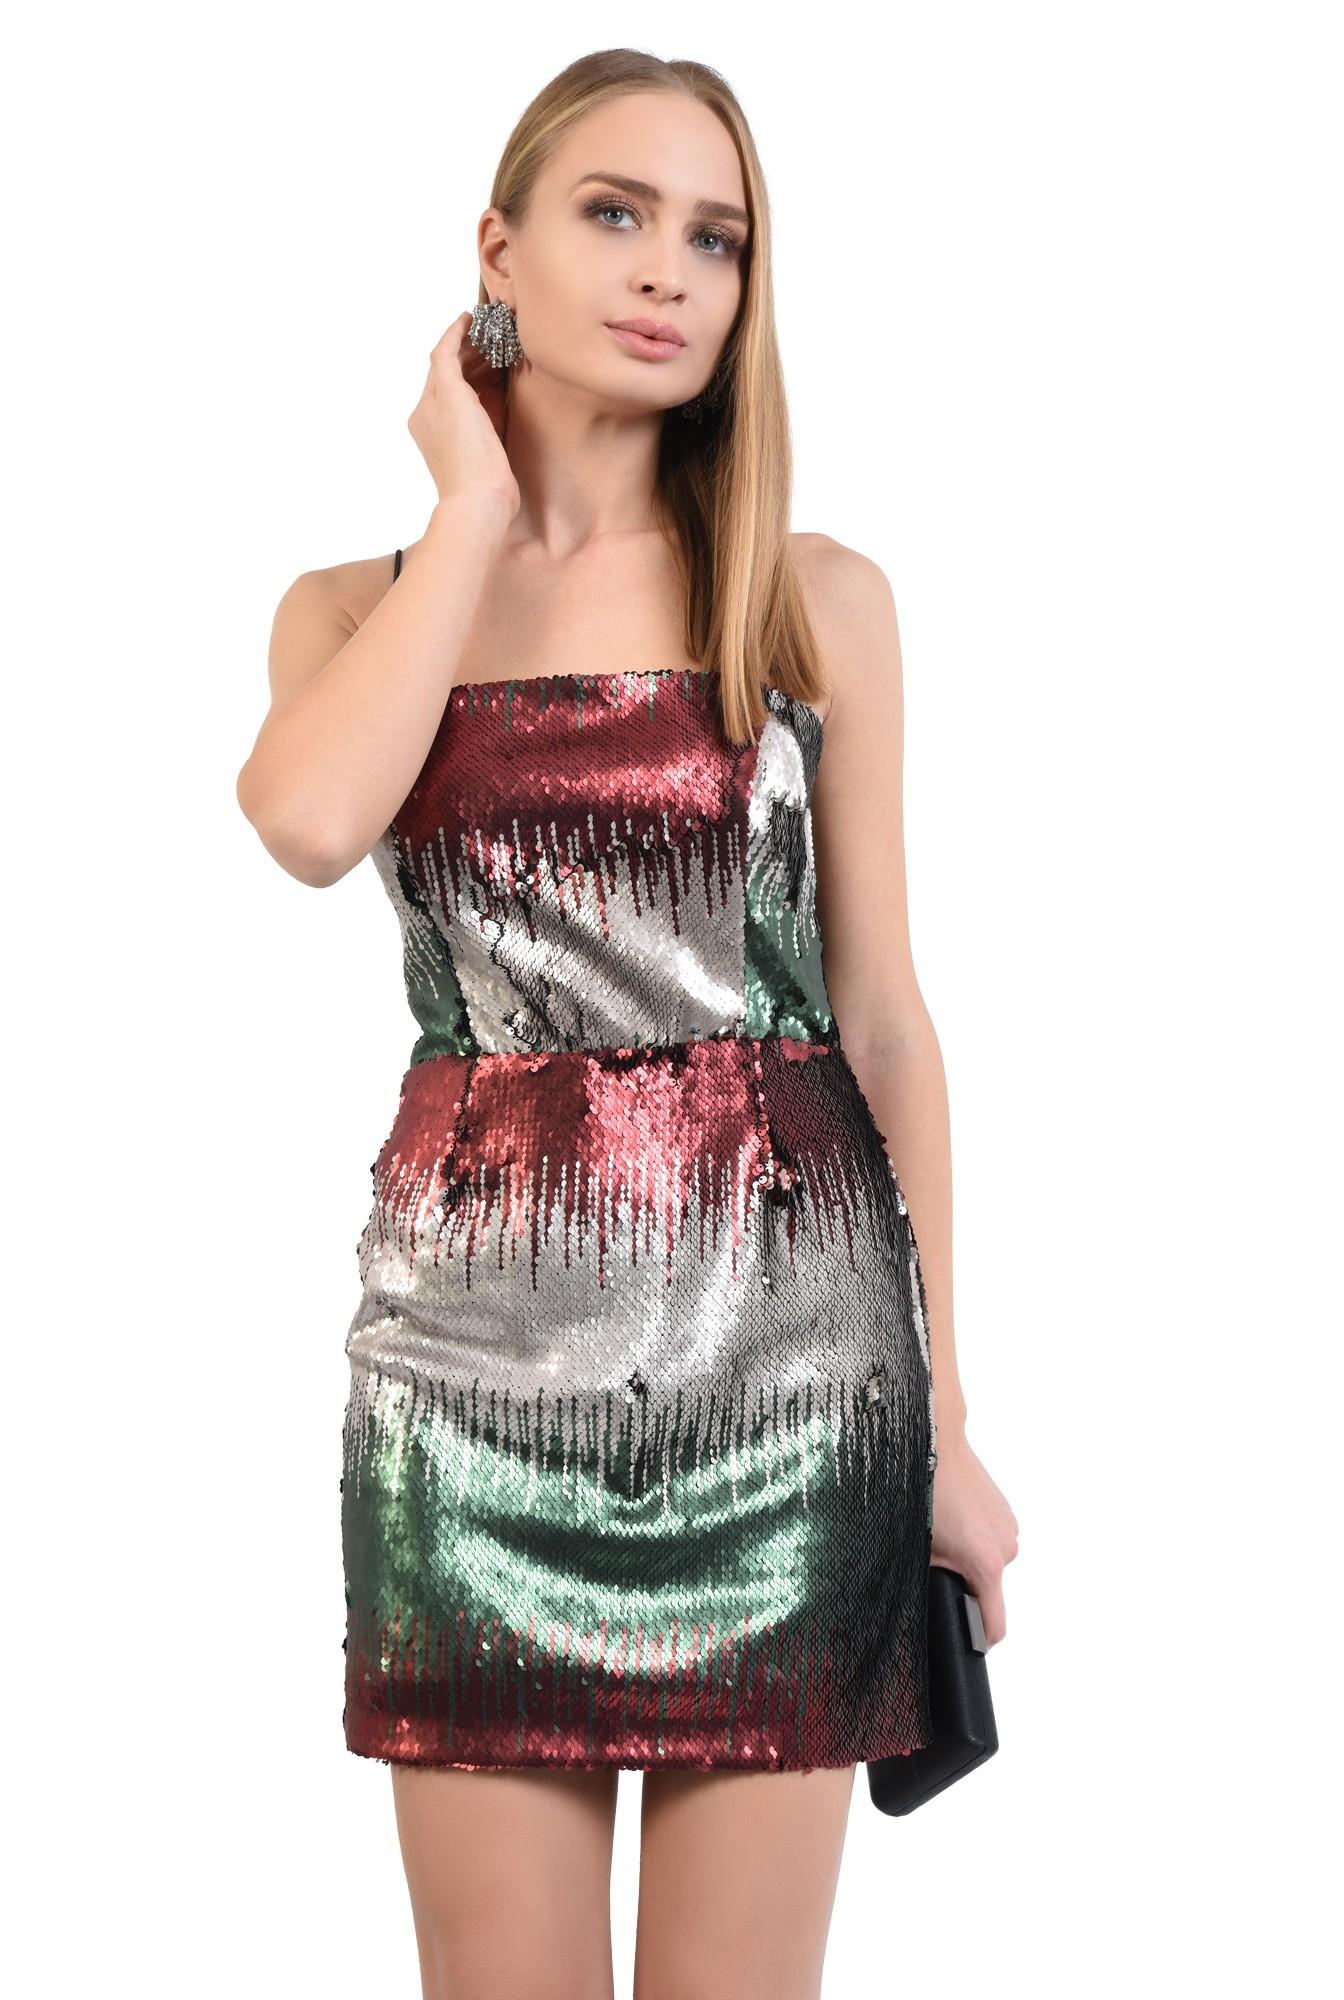 0 - rochie de seara, cu paiete multicolore, mini, cambrata, bretele suntiri